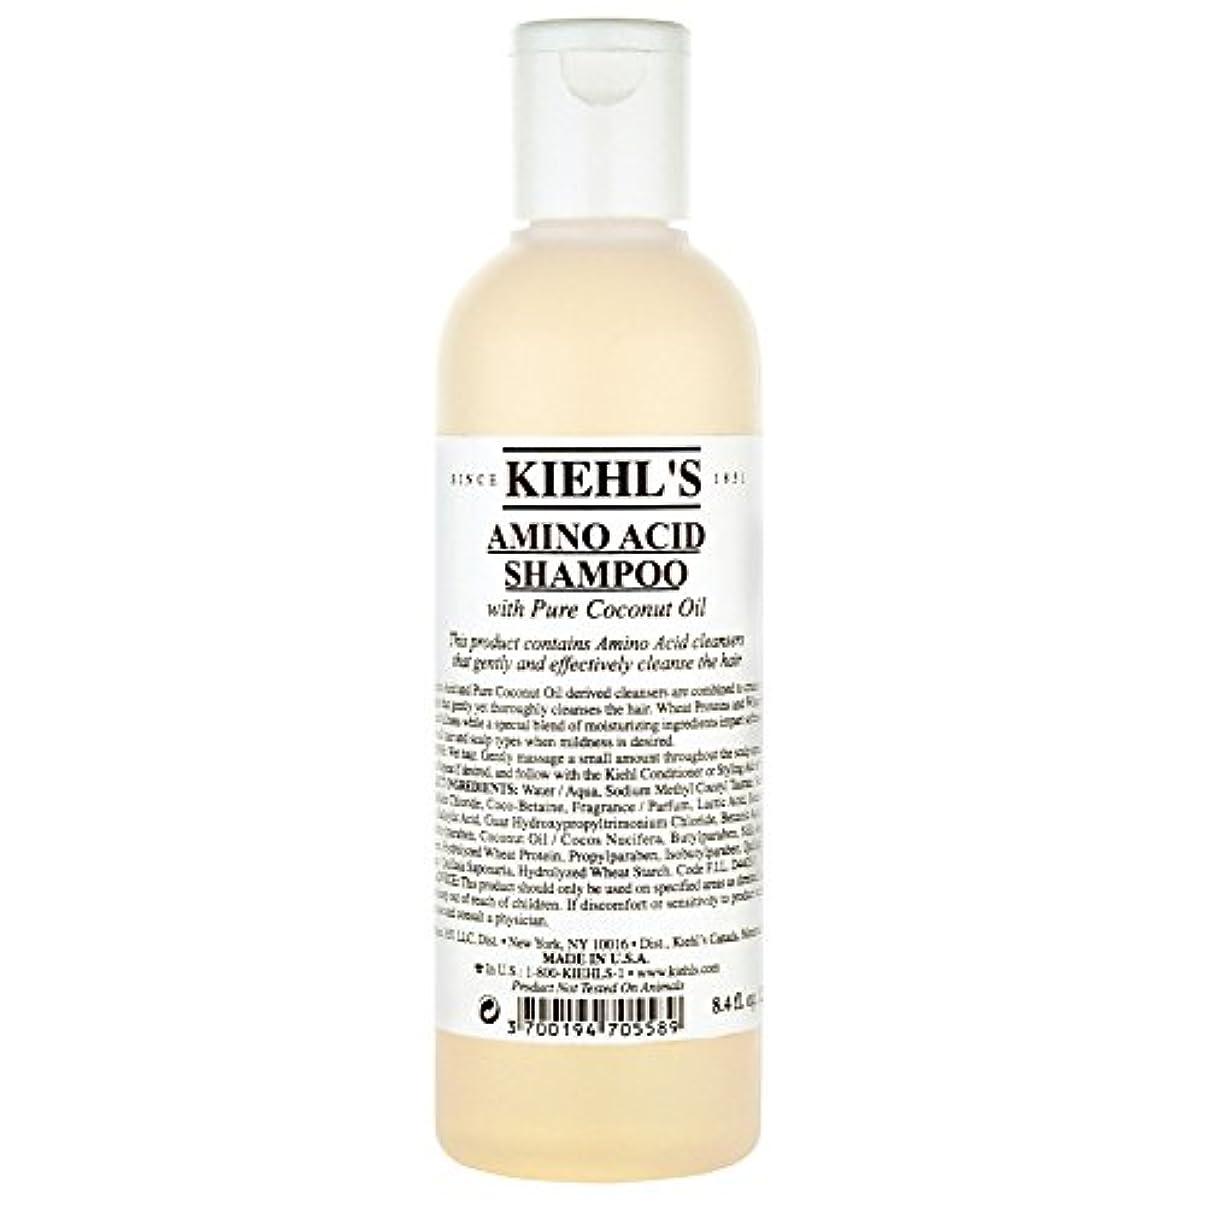 興味分析栄光[Kiehl's ] キールズアミノ酸シャンプー500ミリリットル - Kiehl's Amino Acid Shampoo 500ml [並行輸入品]